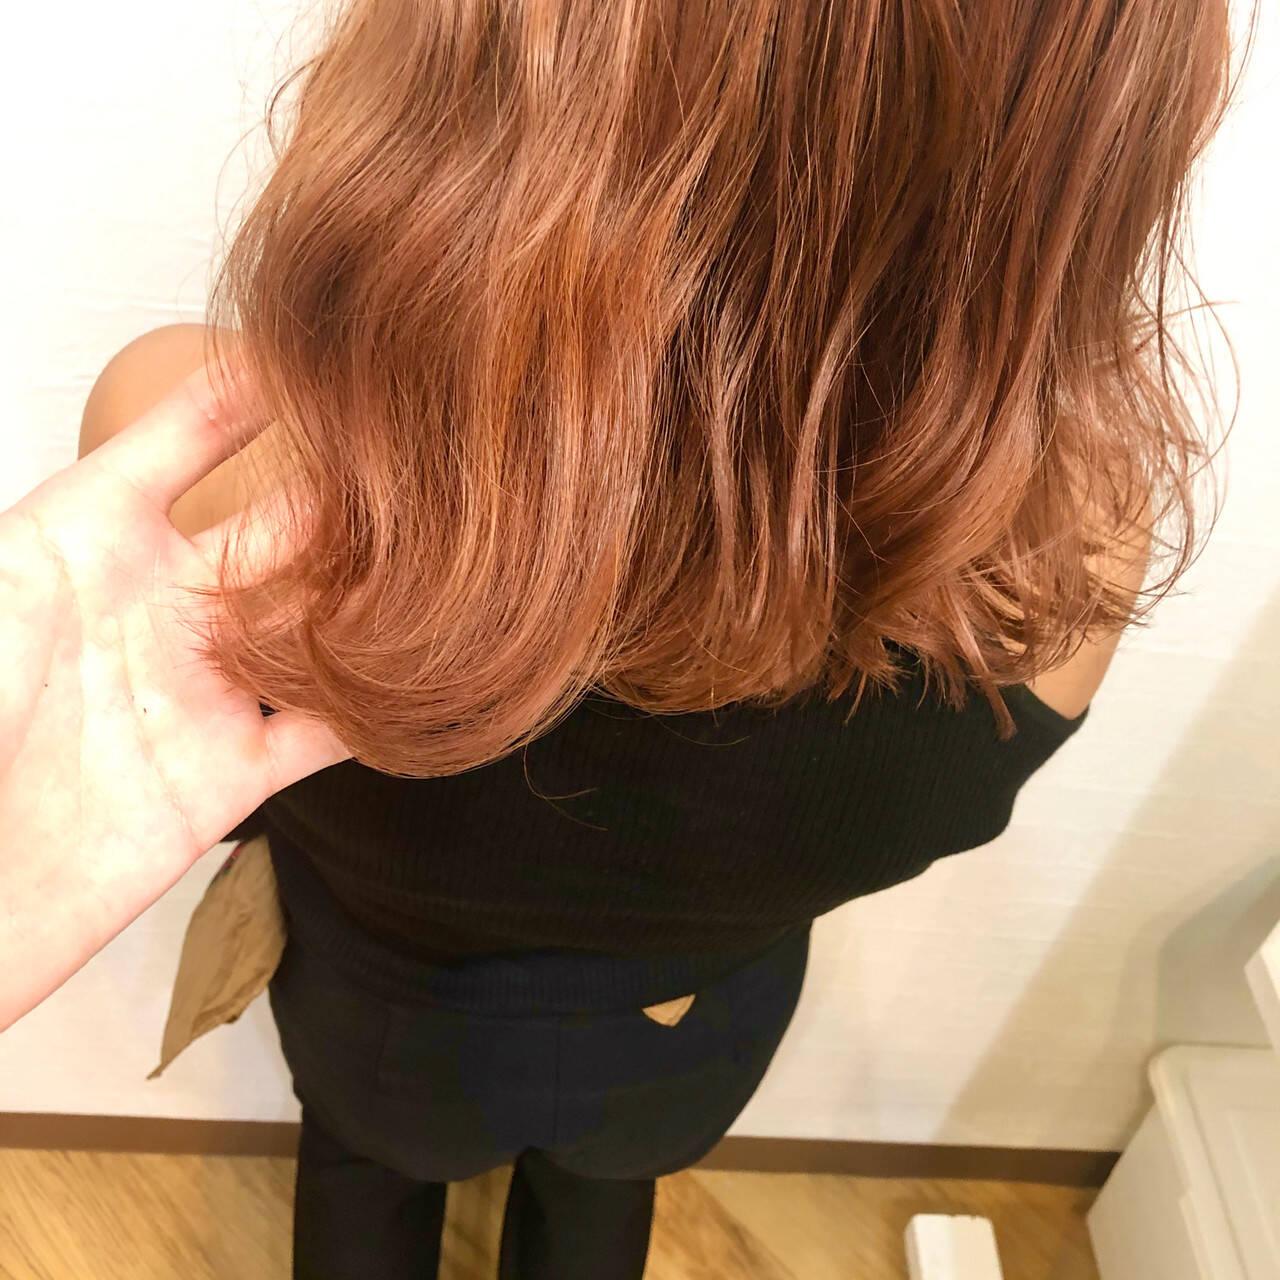 オレンジベージュ ガーリー ブリーチオンカラー ハロウィンカラーヘアスタイルや髪型の写真・画像